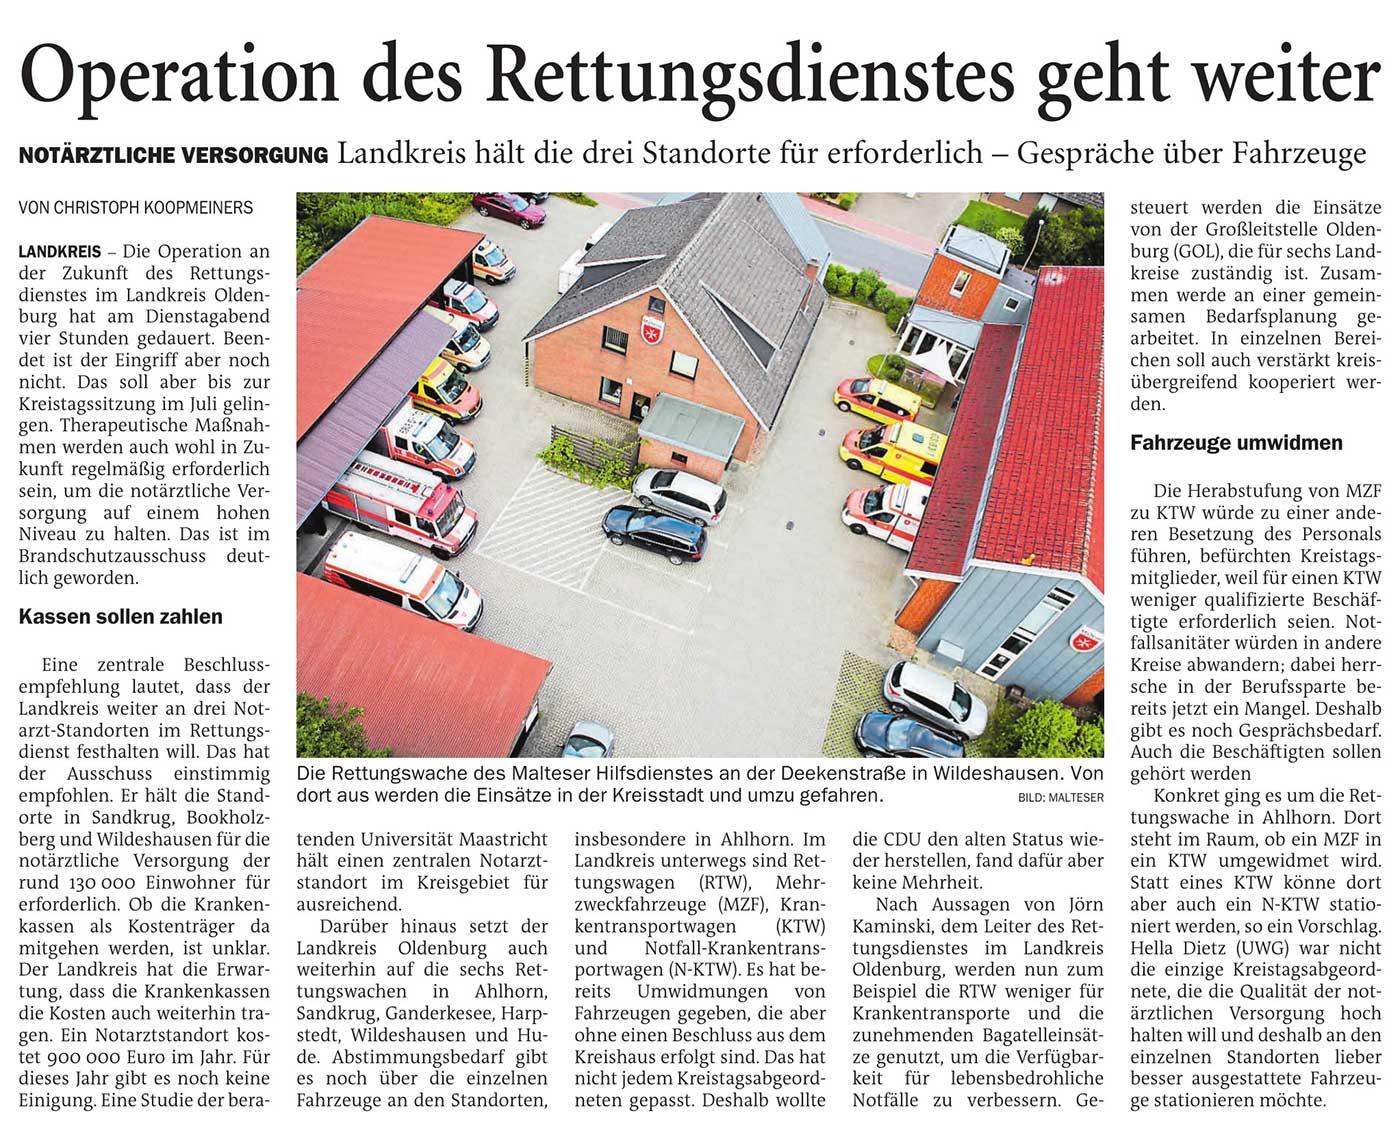 Operation des Rettungsdienstes geht weiterNotärztliche Versorgung: Landkreis hält die drei Standorte für erforderlich - Gespräche über FahrzeugeArtikel vom 14.04.2021 (NWZ)